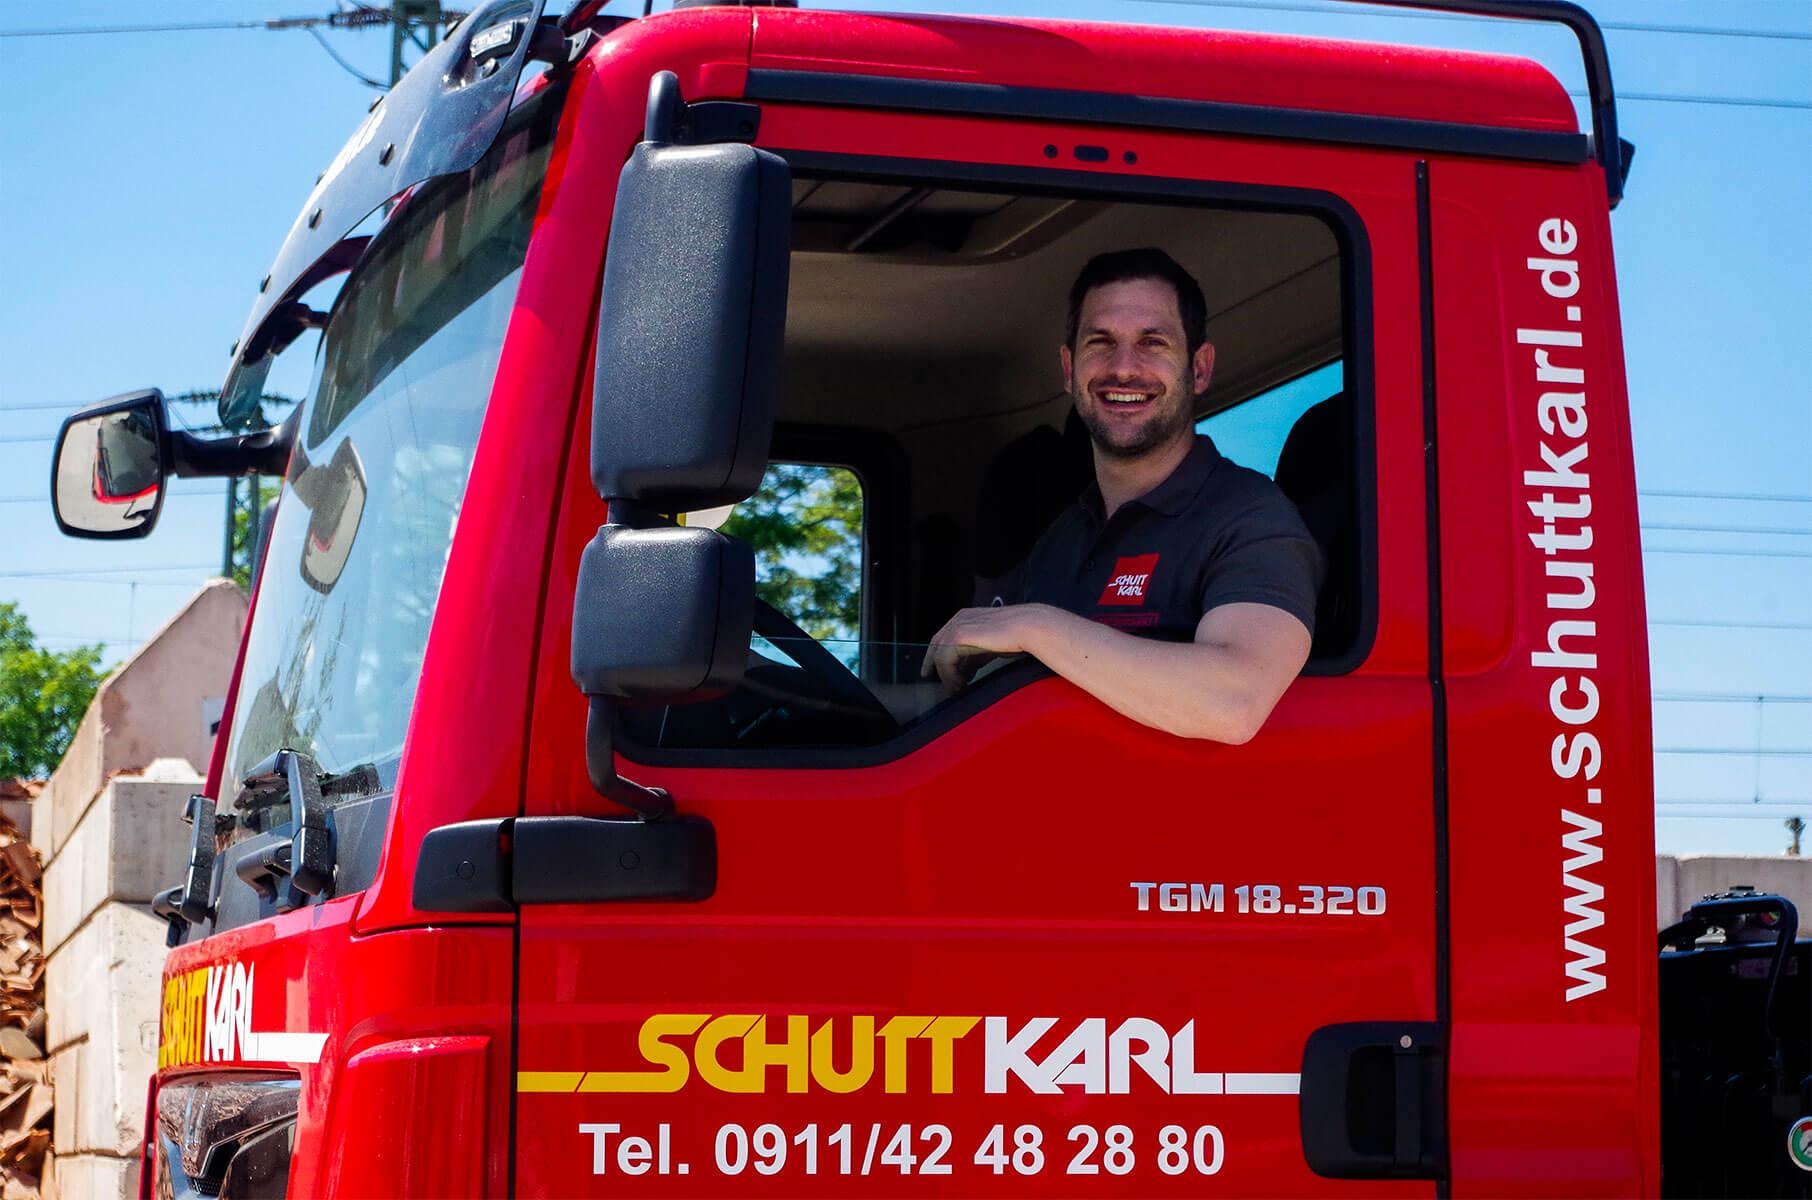 Schutt Karl | Karriere